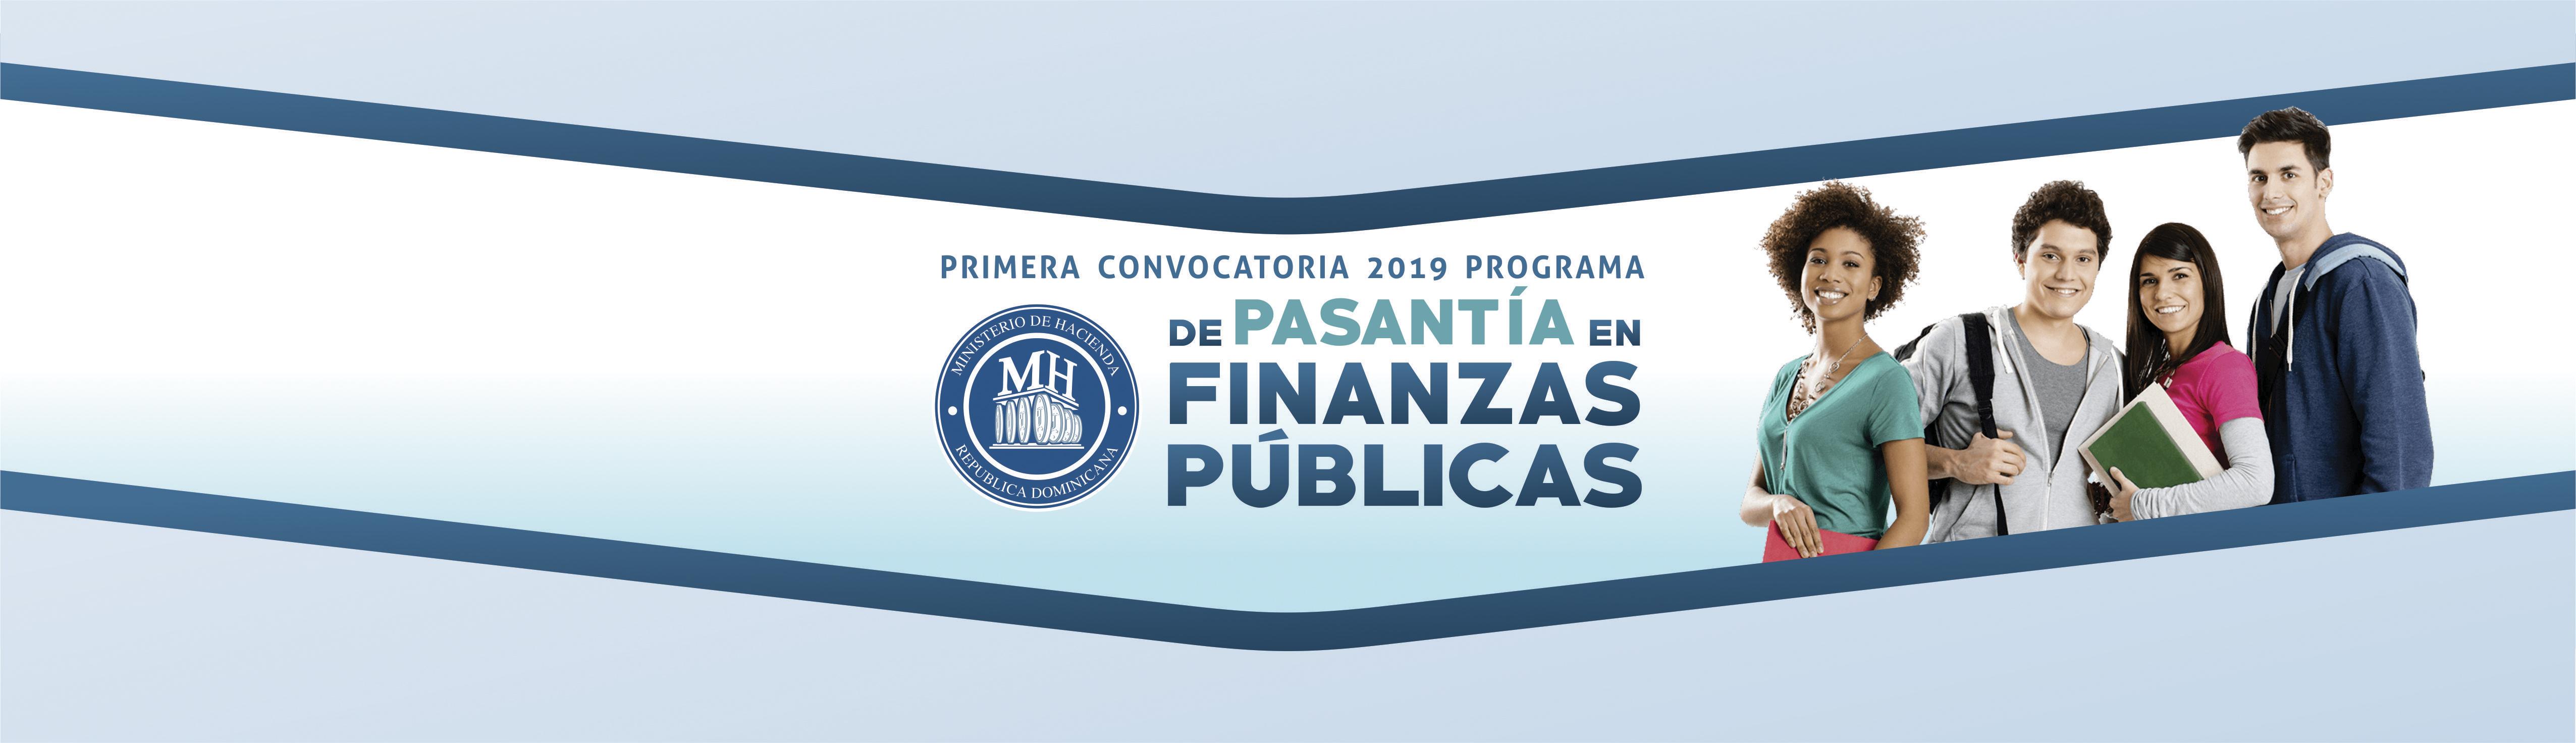 BANNER CONVOCATORIA PASANTIA FINANZAS PUBLICAS